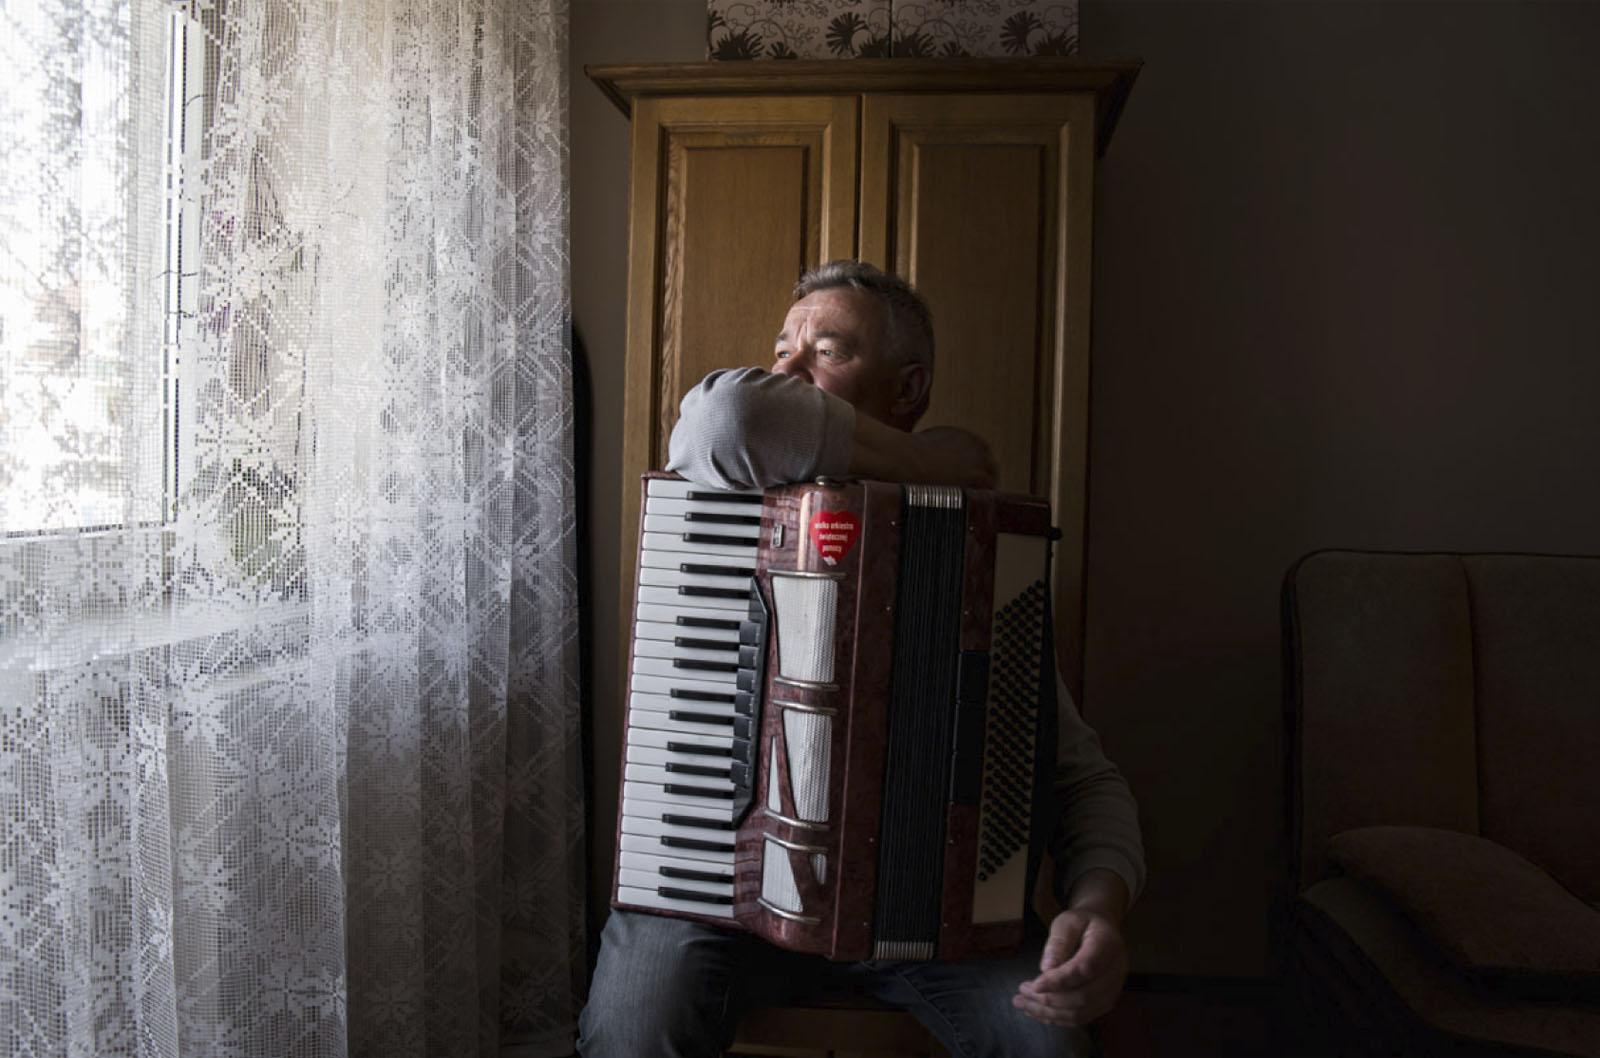 Zdzisław Gołąbek z akordeonem w swoim mieszkaniu, Radom, 8 kwietnia 2014 roku (źródło: materiały prasowe organizatora)